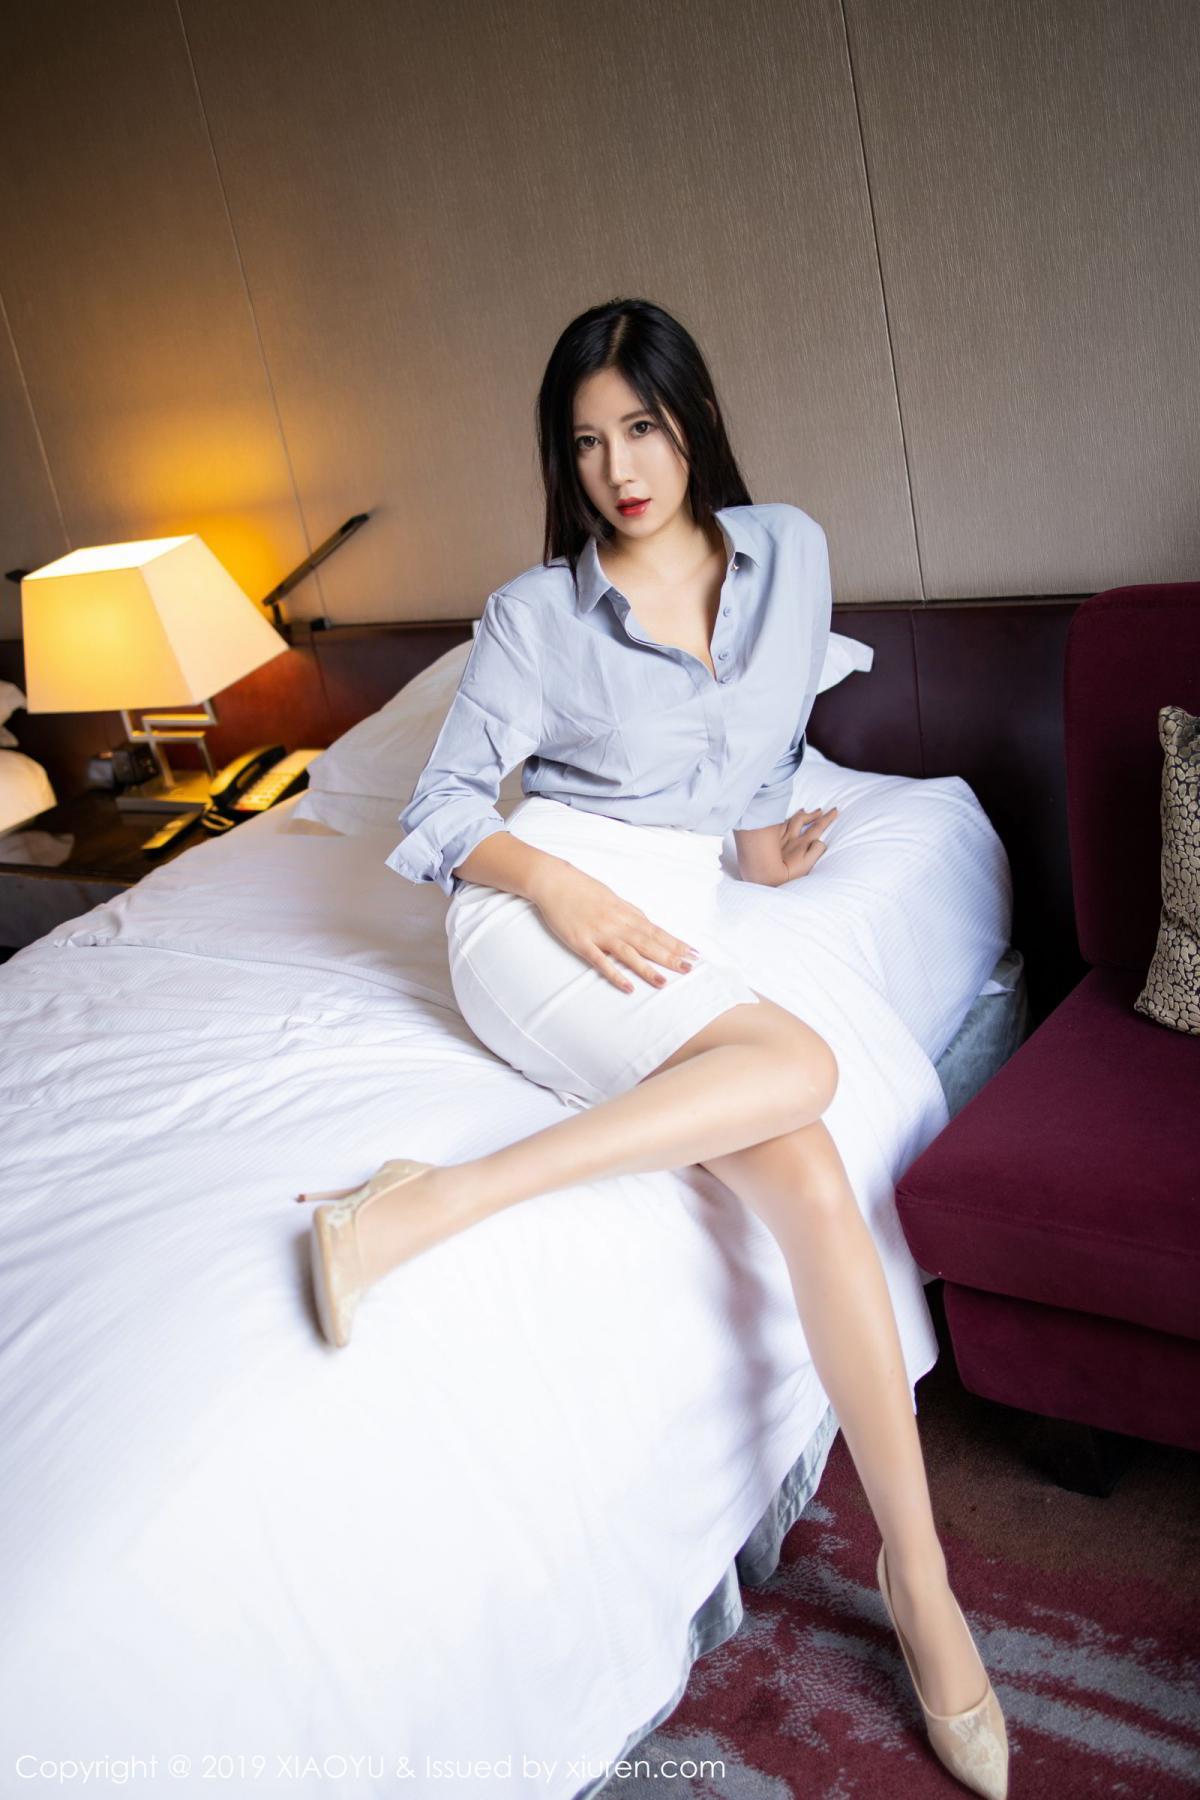 [XiaoYu] Vol.180 Li Ya 6P, Li Ya, Underwear, XiaoYu